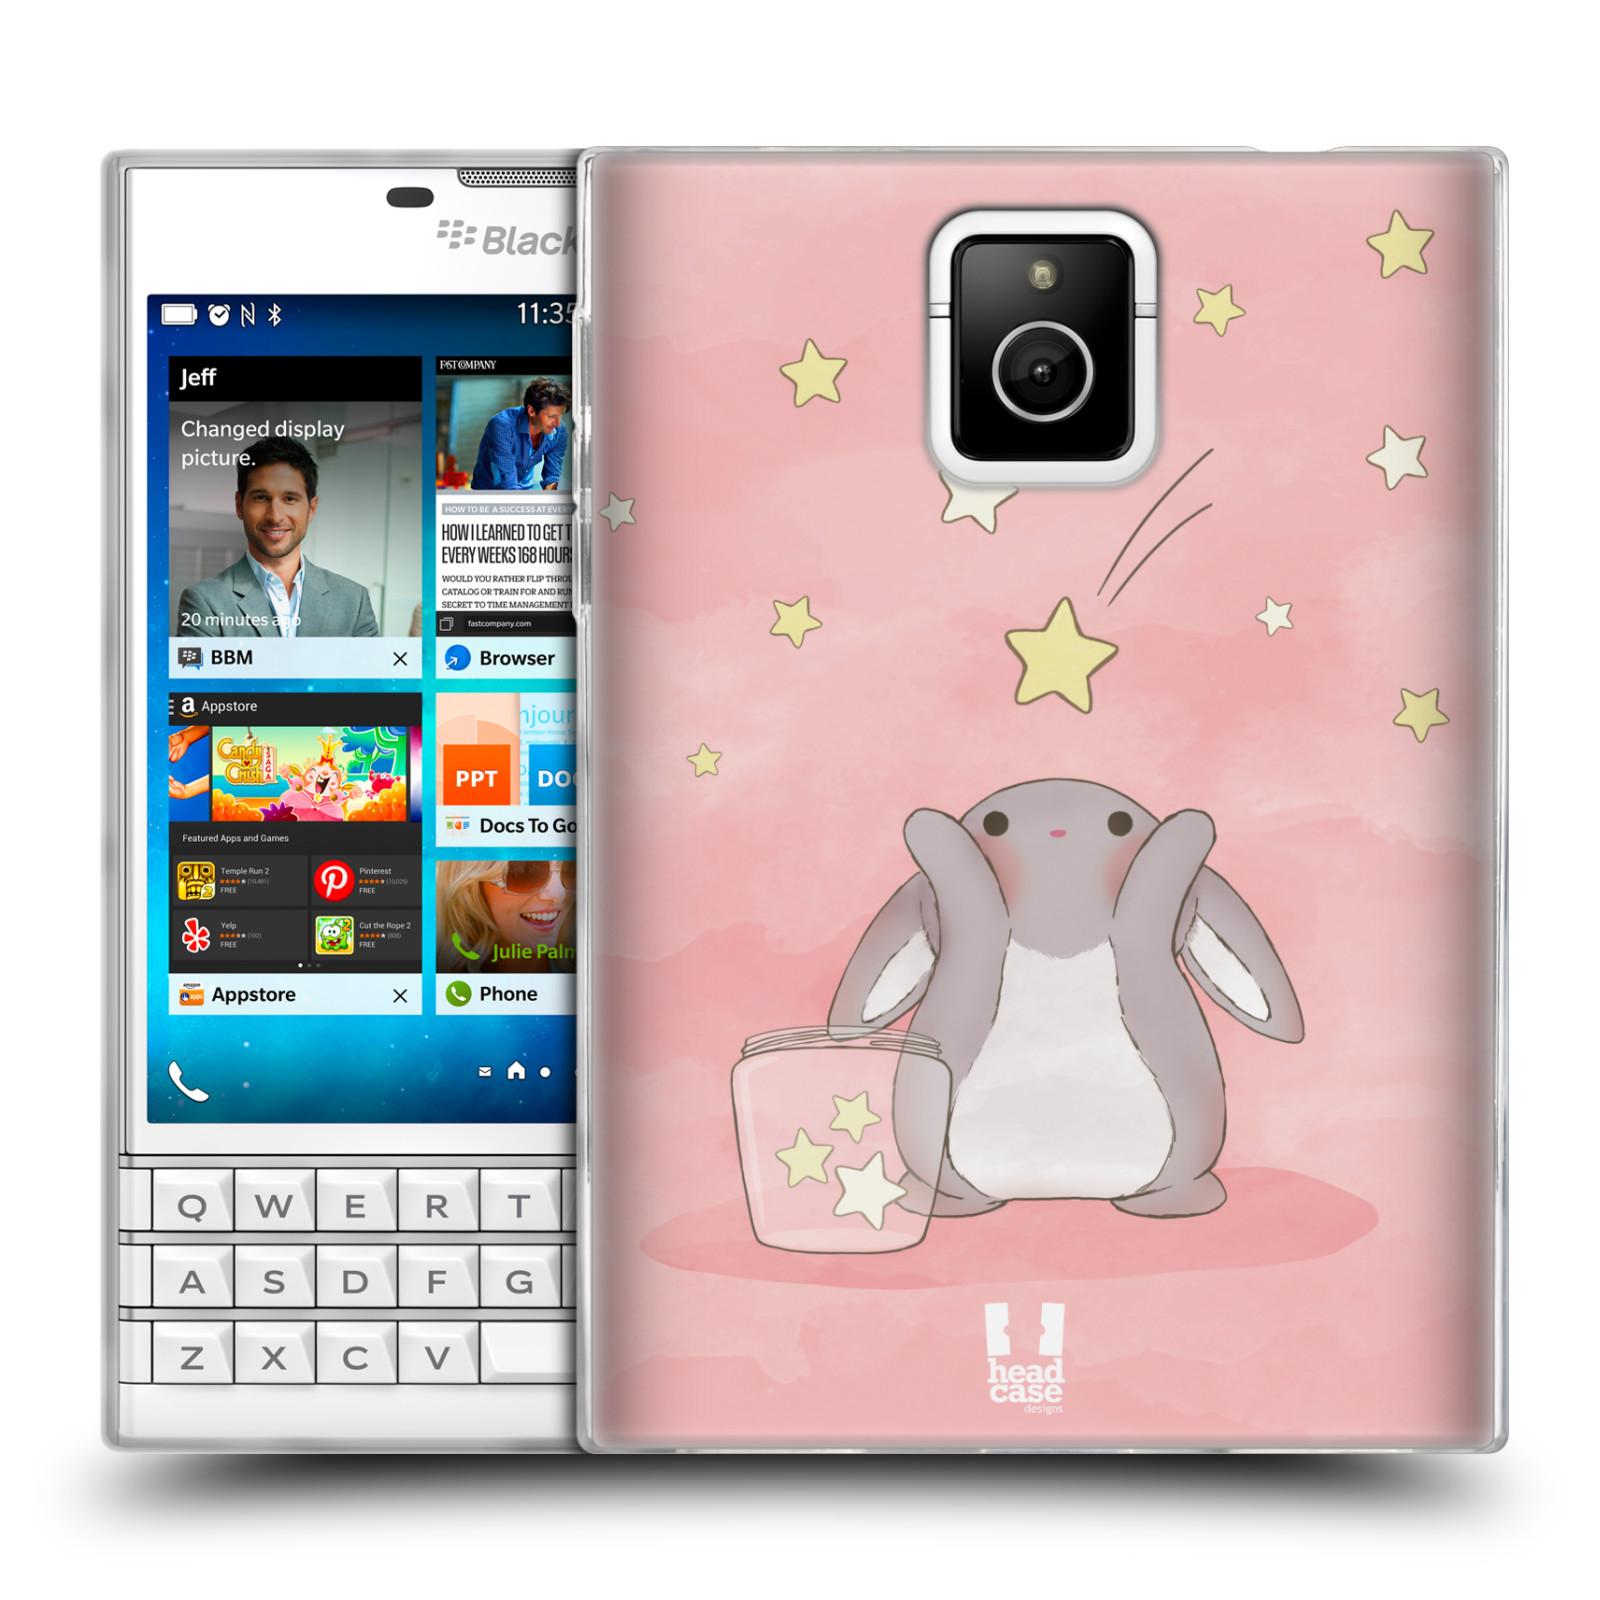 HEAD CASE silikonový obal na mobil Blackberry PASSPORT vzor králíček a hvězdy růžová